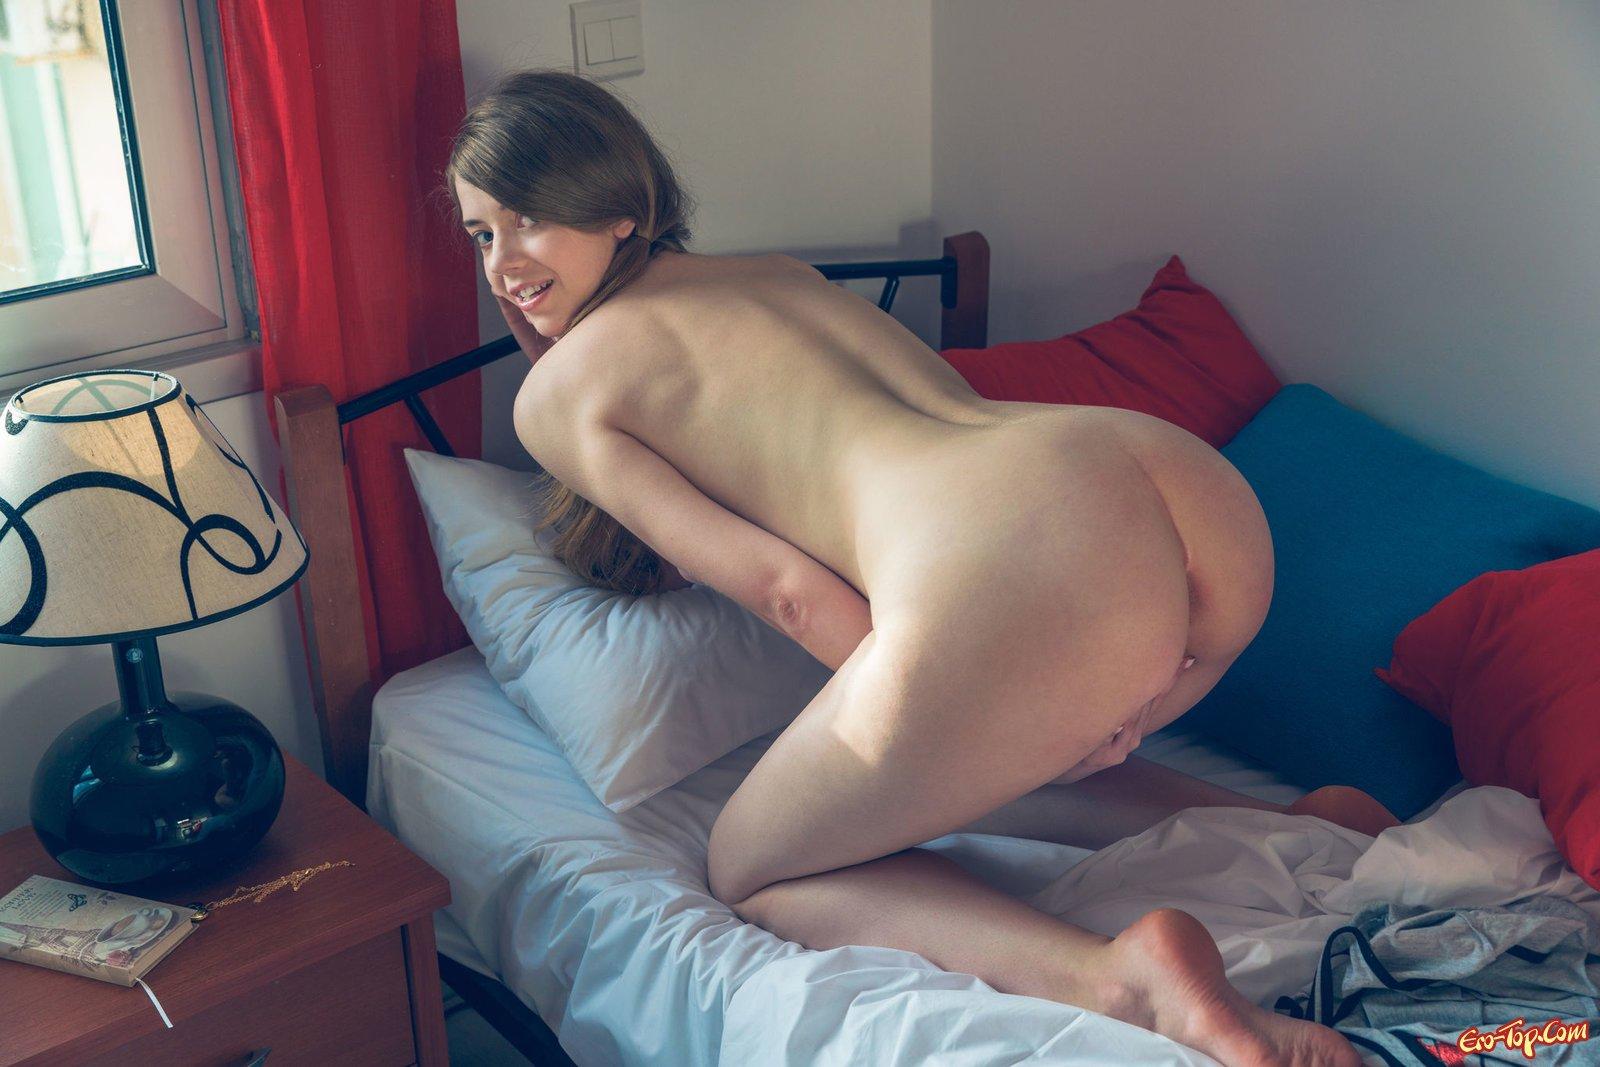 Игривая девка раздевается у себя в квартире